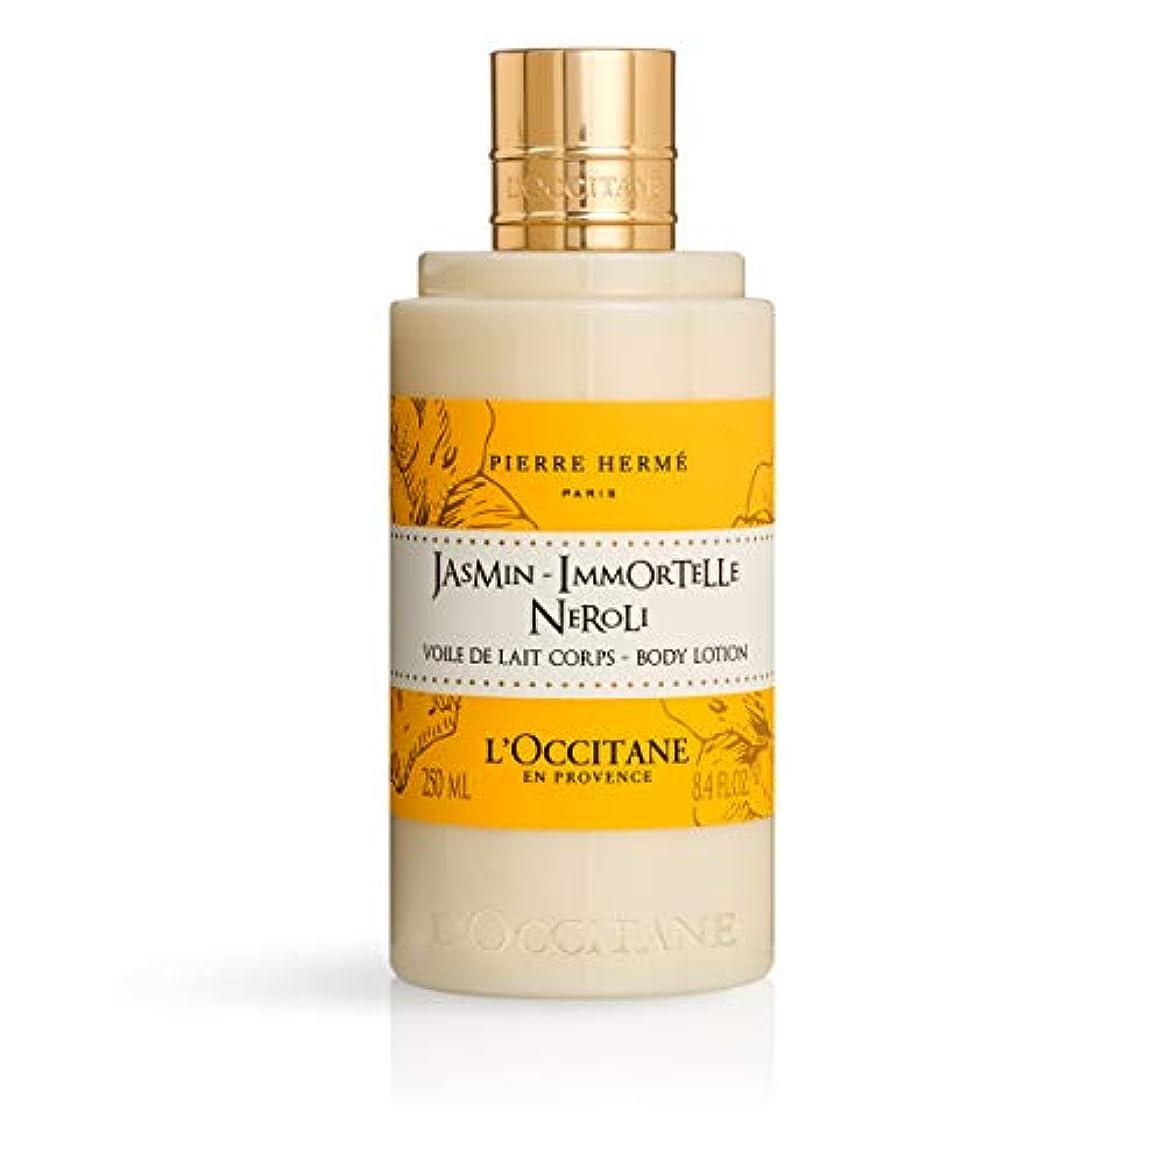 副産物認可許可するロクシタン(L'OCCITANE) ジャスミンイモーテルネロリ ボディミルク 250ml ボディクリーム ドラマティックフローラル